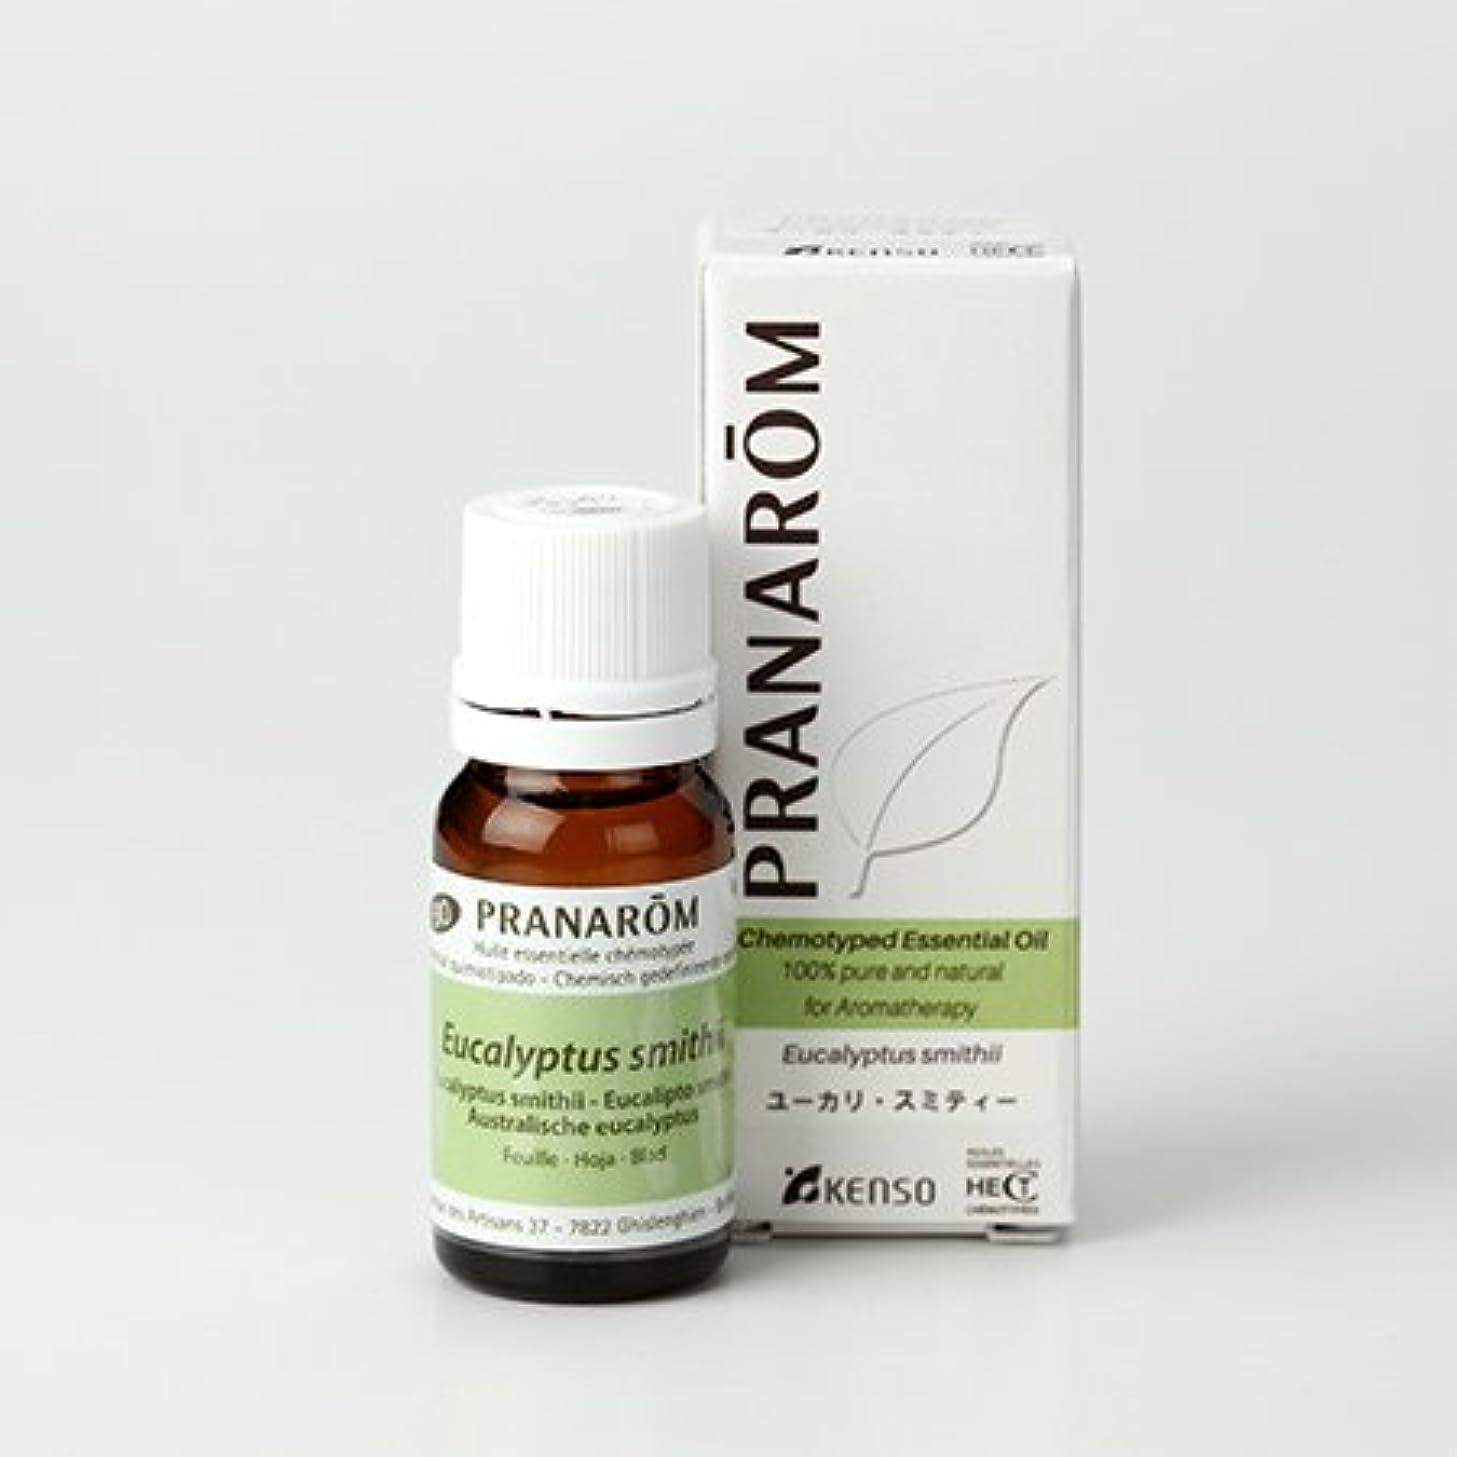 モニター落胆する子供時代プラナロム ユーカリスミティー 10ml (PRANAROM ケモタイプ精油)